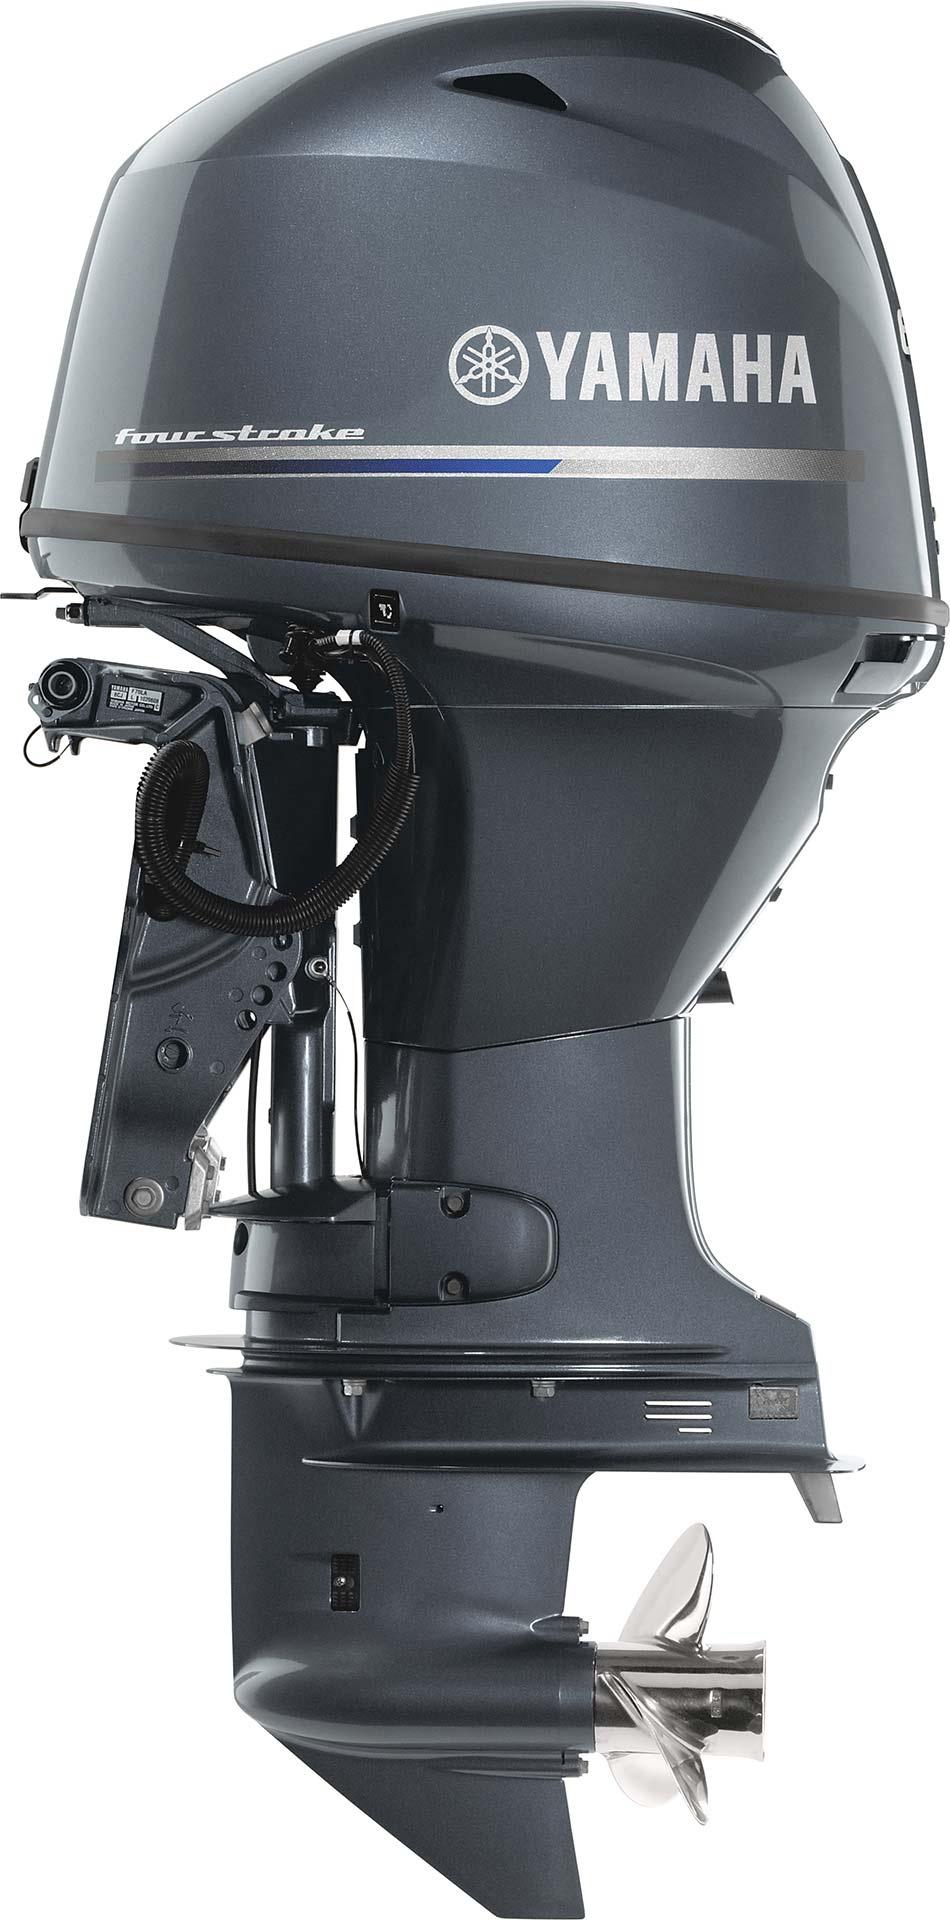 Yamaha F60LB 1.0L Midrange